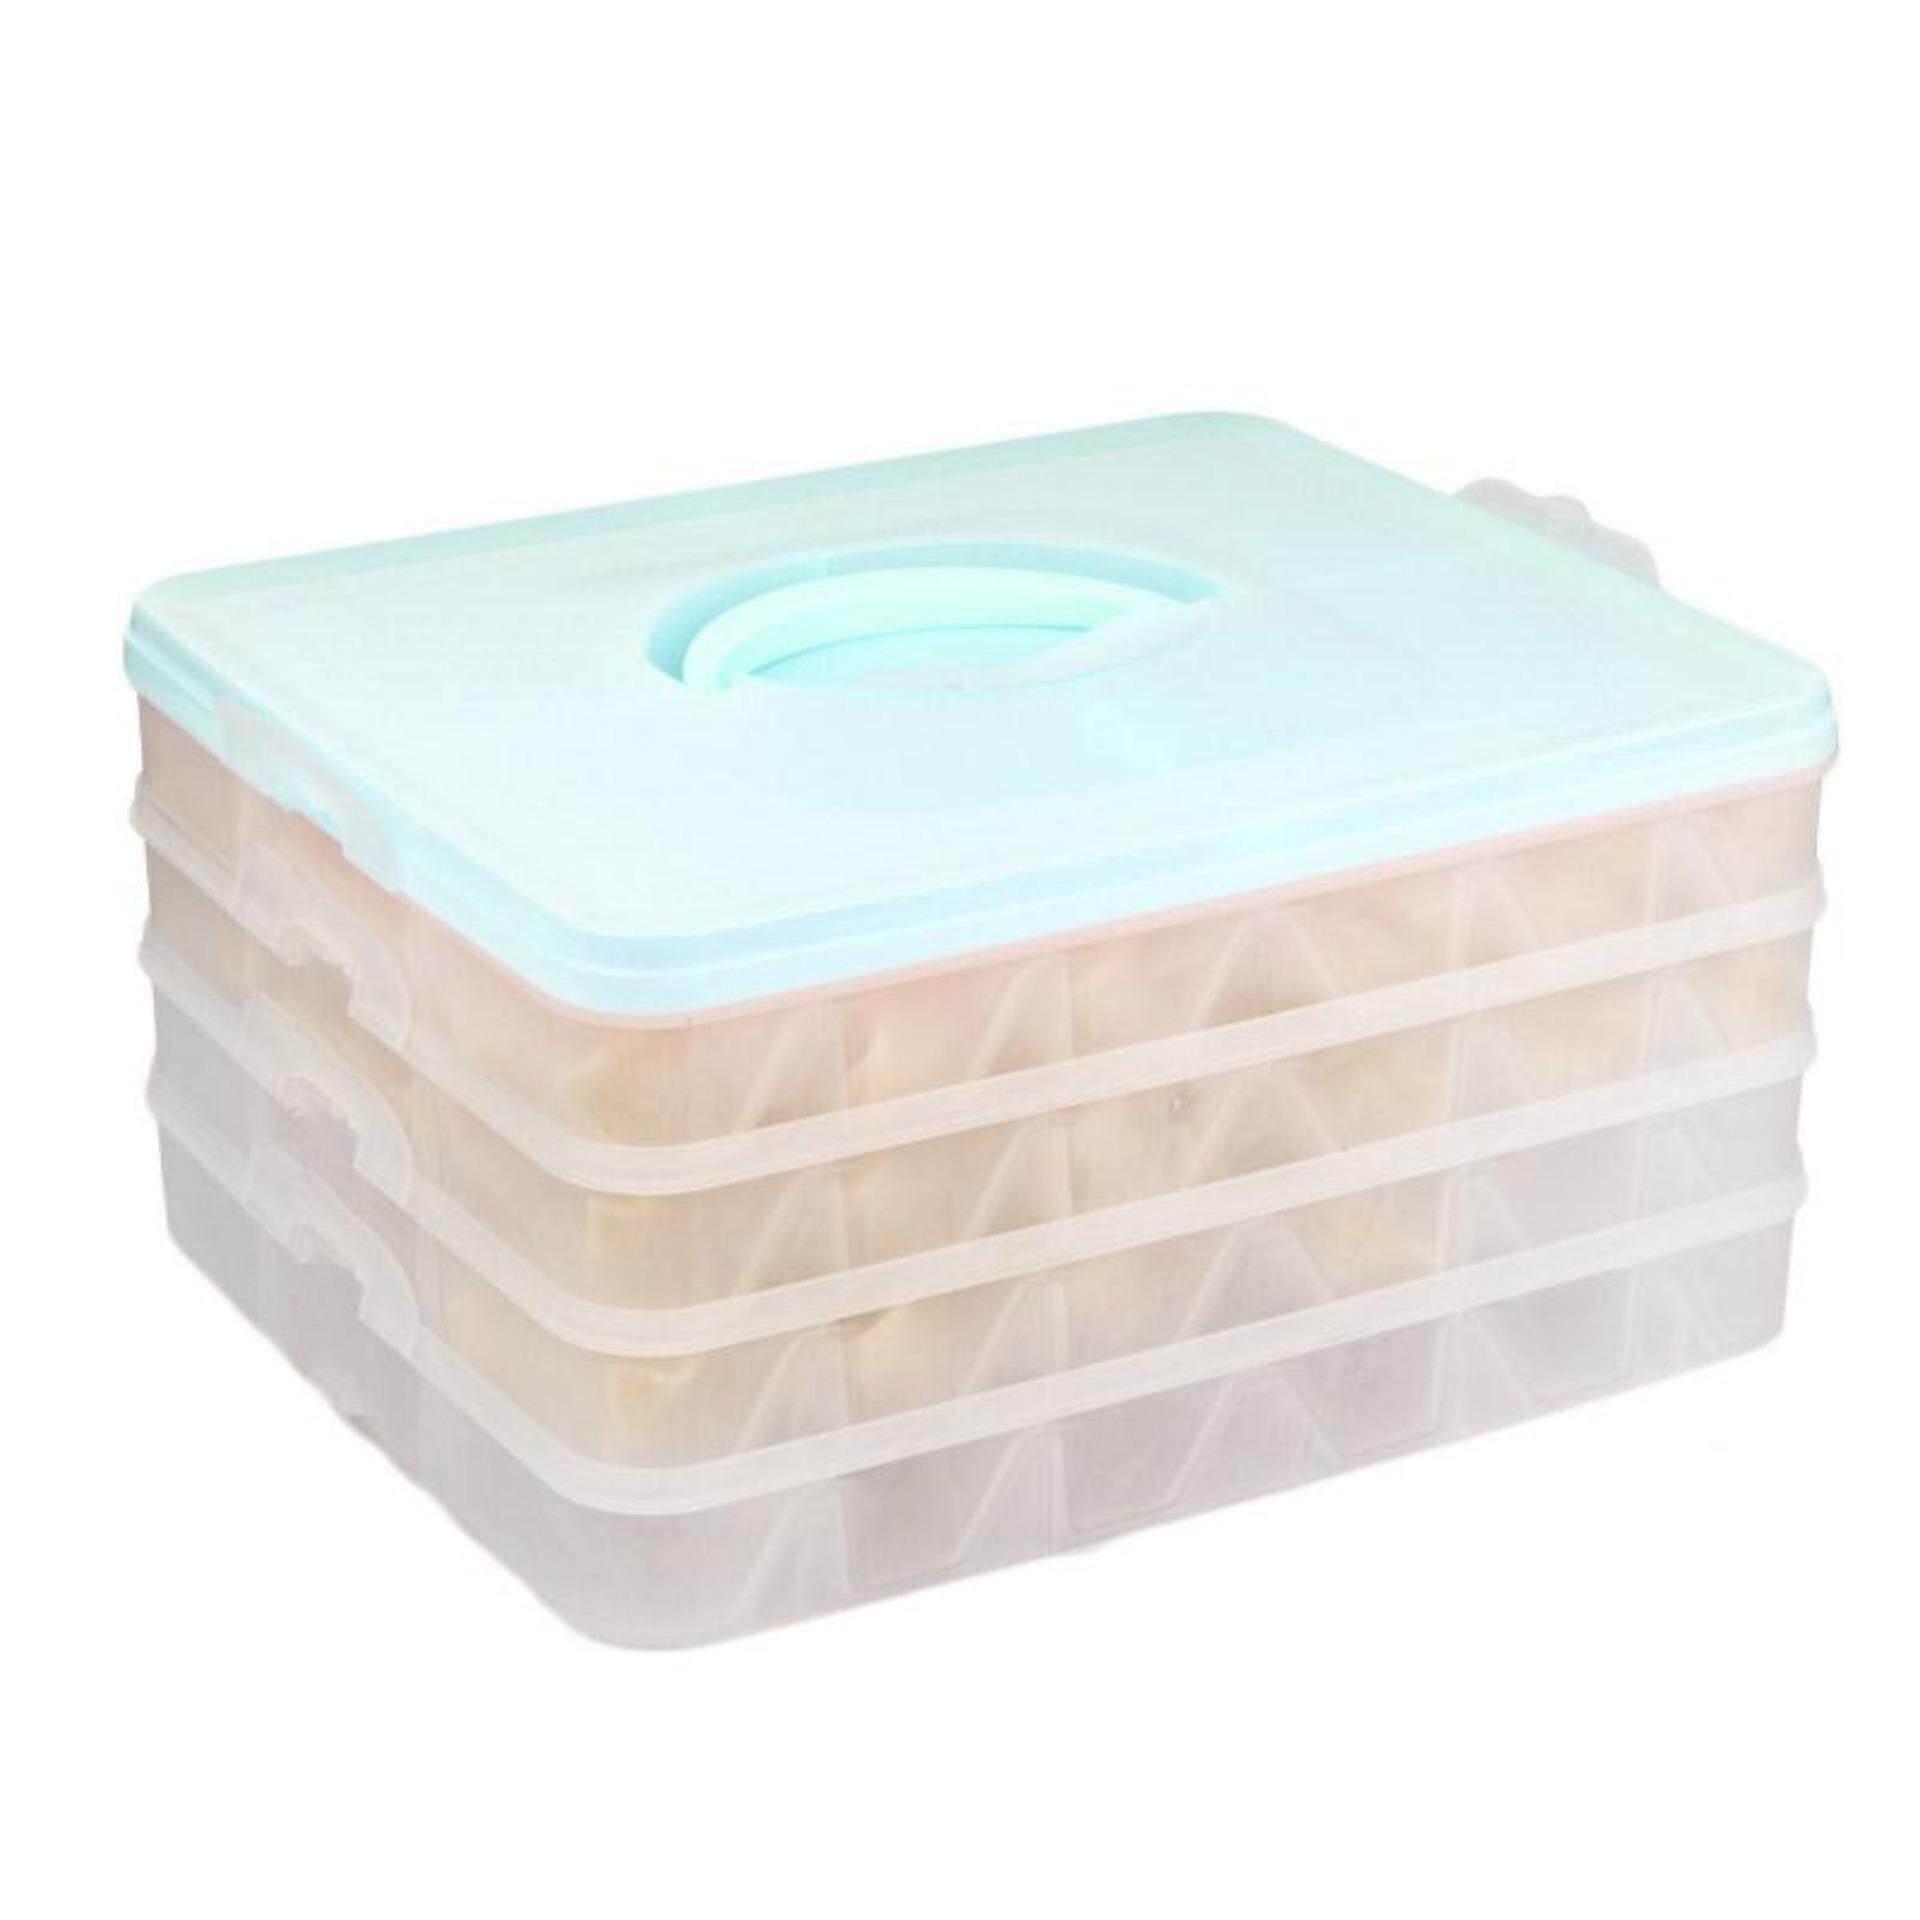 Ajusen Kulkas Segar Pemelihara Kotak Penyimpanan Plastik Empat Lapisan Portabel Dumpling Kotak Container Penahan Organizer-Internasional